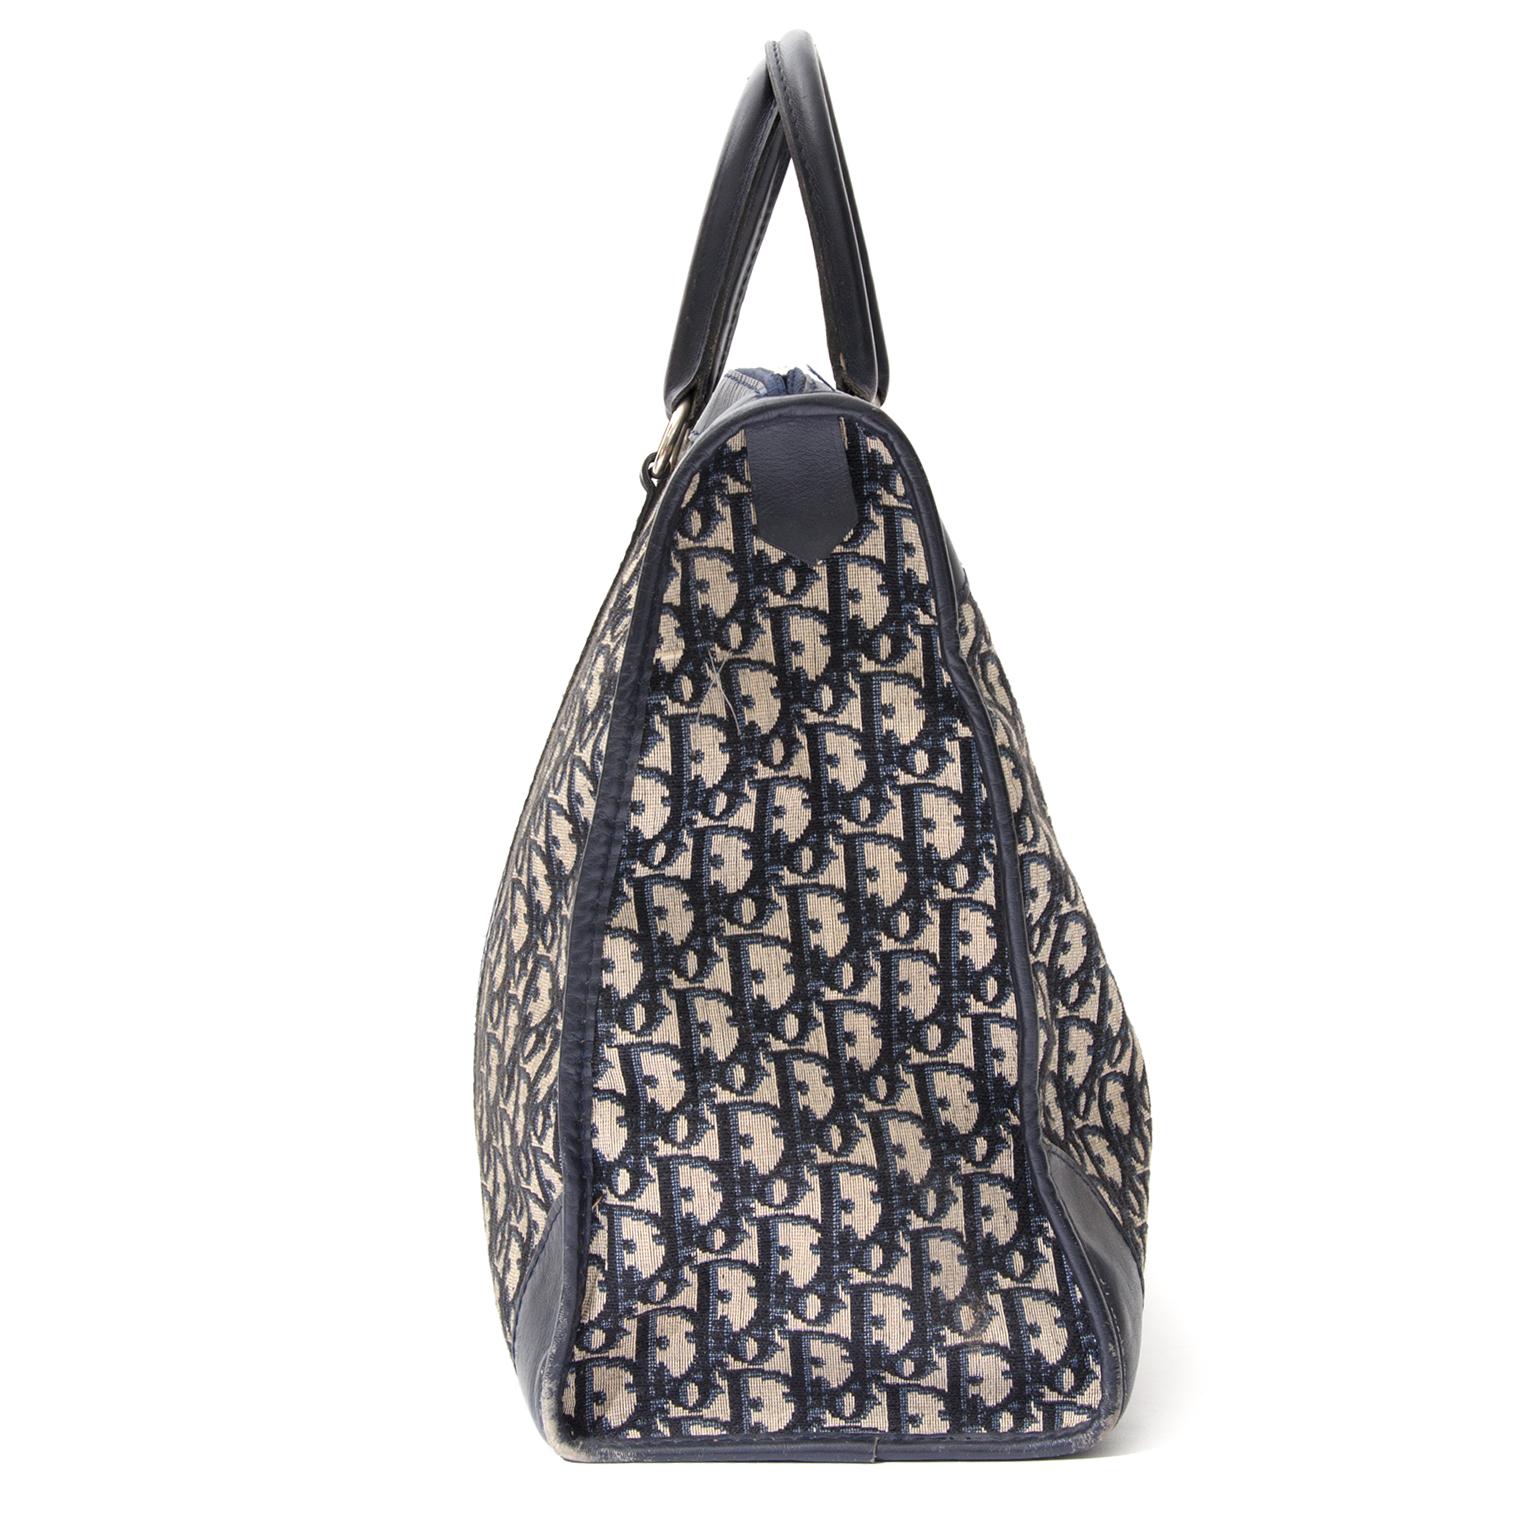 Koop authentieke tweedehands Dior monogram reistassen en koffers bij Labellov